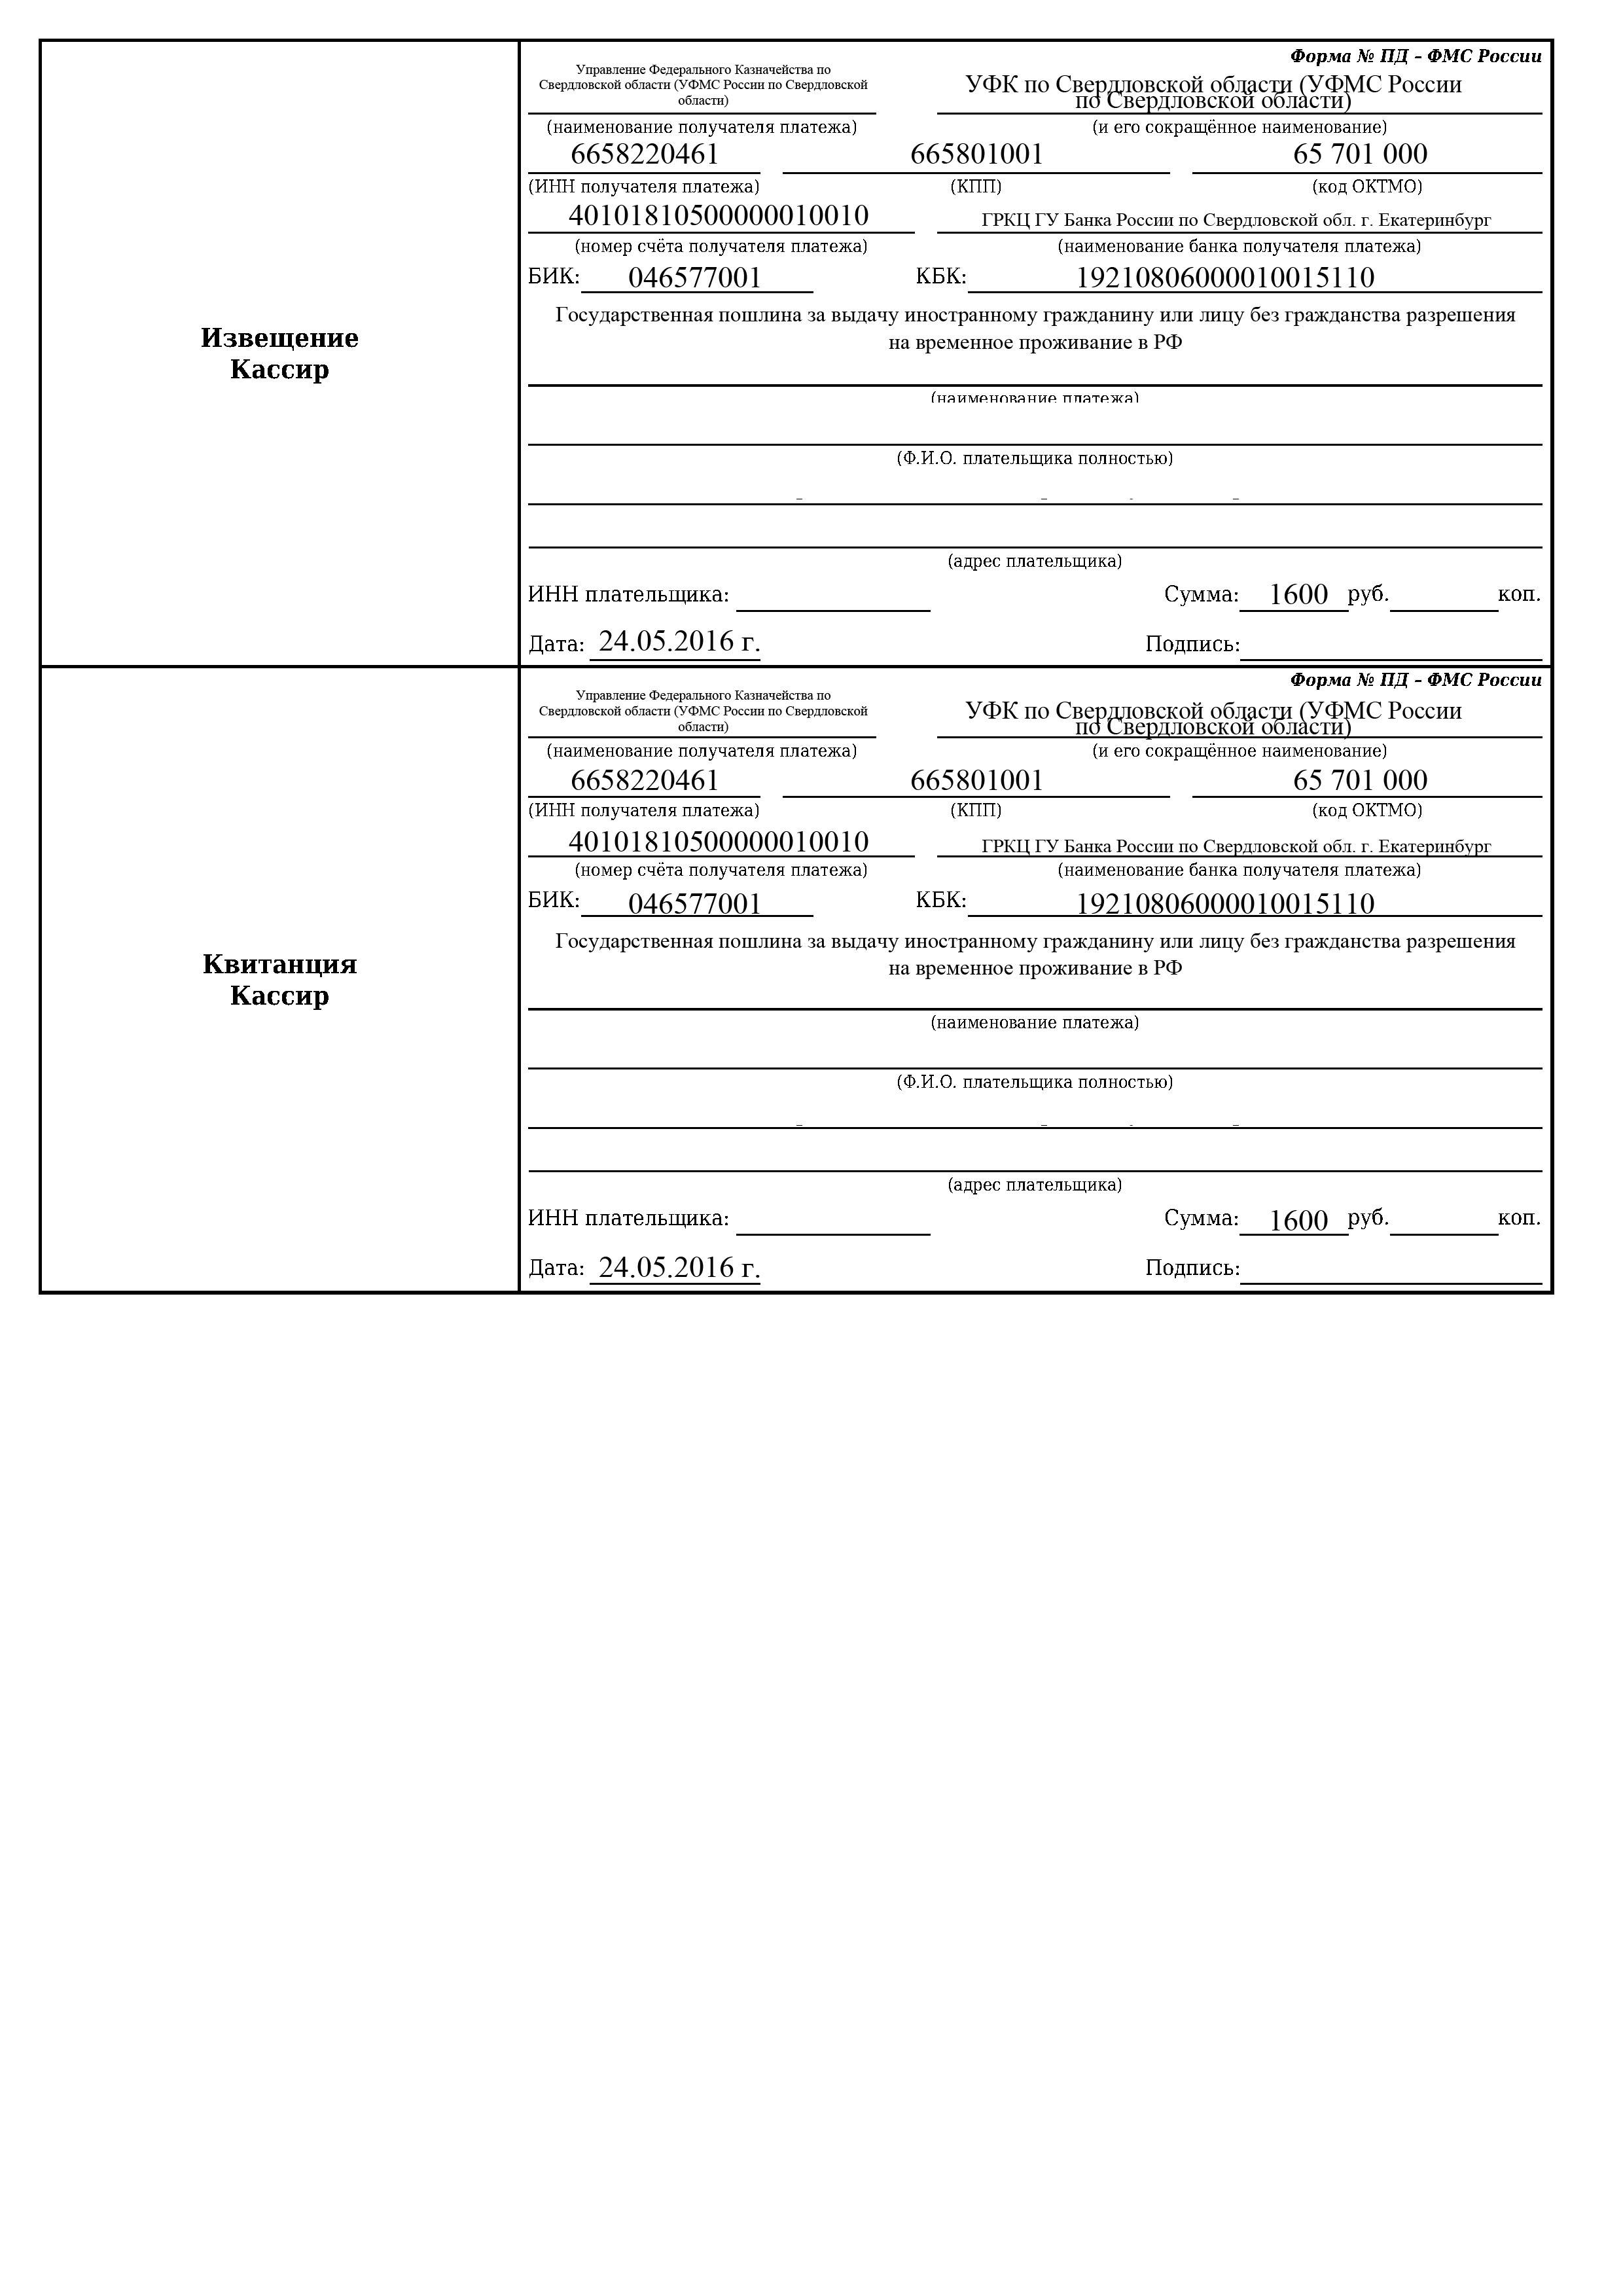 Реквизиты для оплаты госпошлины кбк для оплаты госпошлины